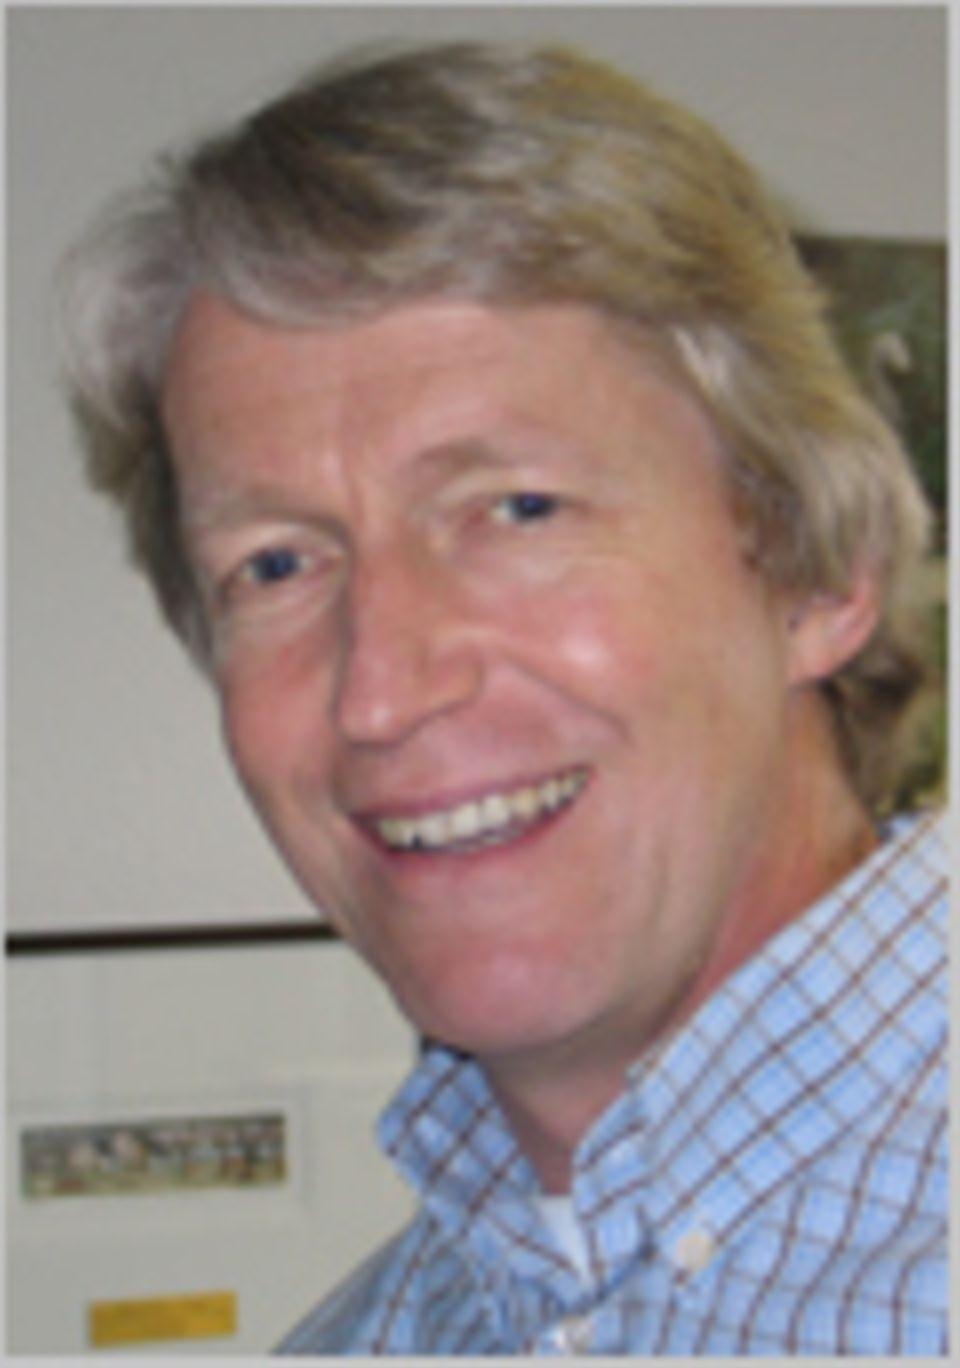 Heiner Niemann ist Leiter der Abteilung Biotechnologie am Institut für Nutztiergenetik (FLI) in Mariensee bei Hannover und außerplanmäßiger Professor für Reproduktionsbiologie an der Tierärztlichen Hochschule Hannover